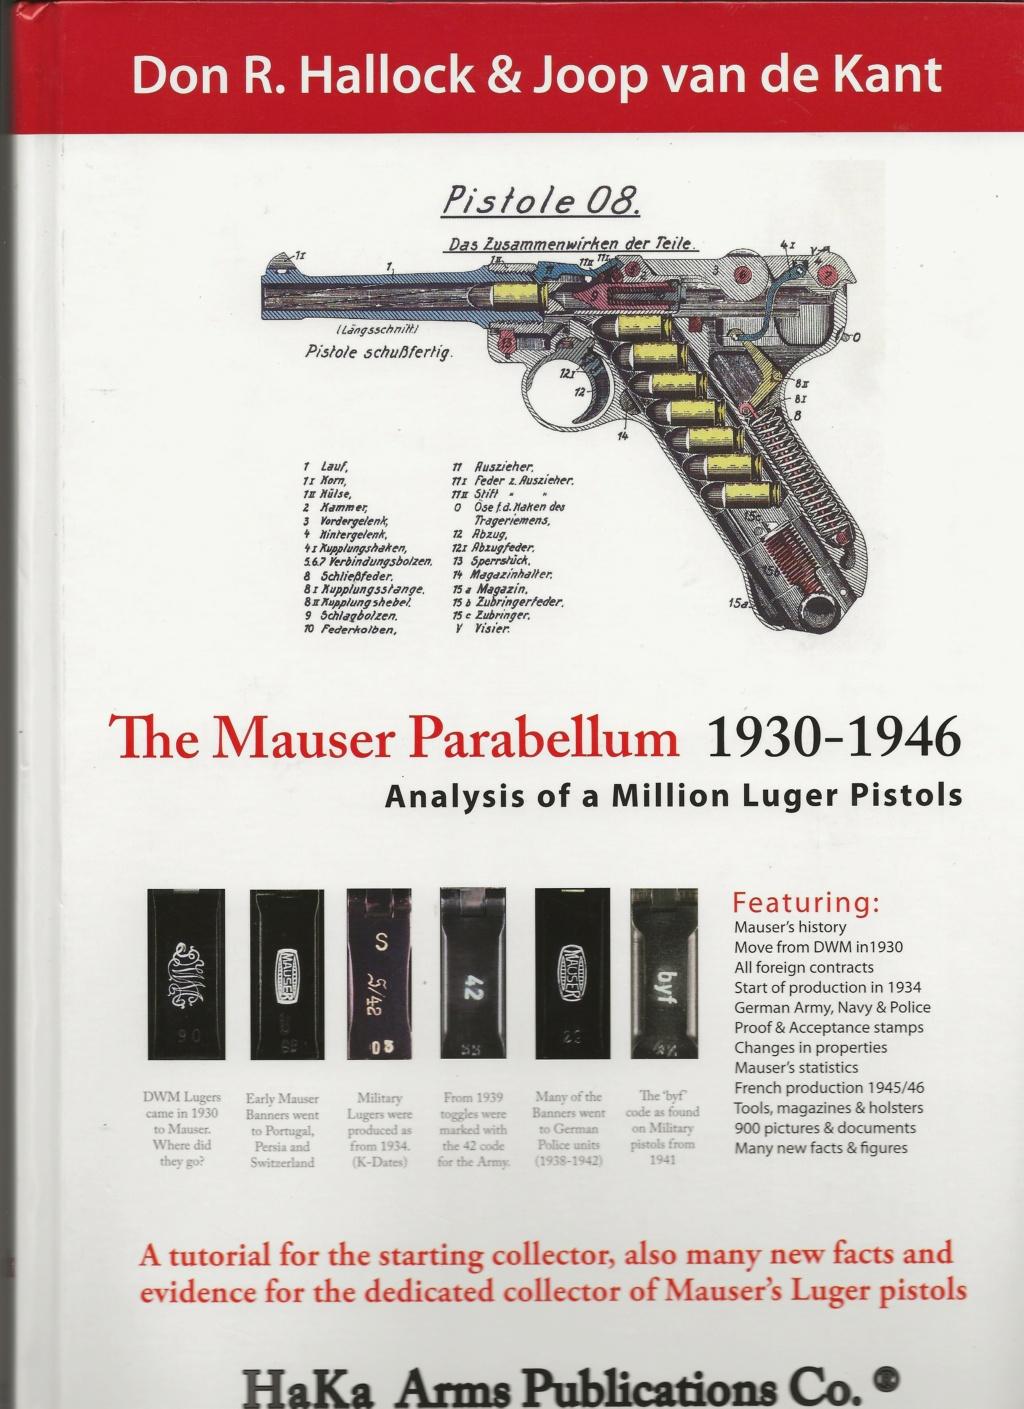 Réflexions sur la production de pistolets Luger, par Mauser, en 1945-1946. - Page 6 The_ma10